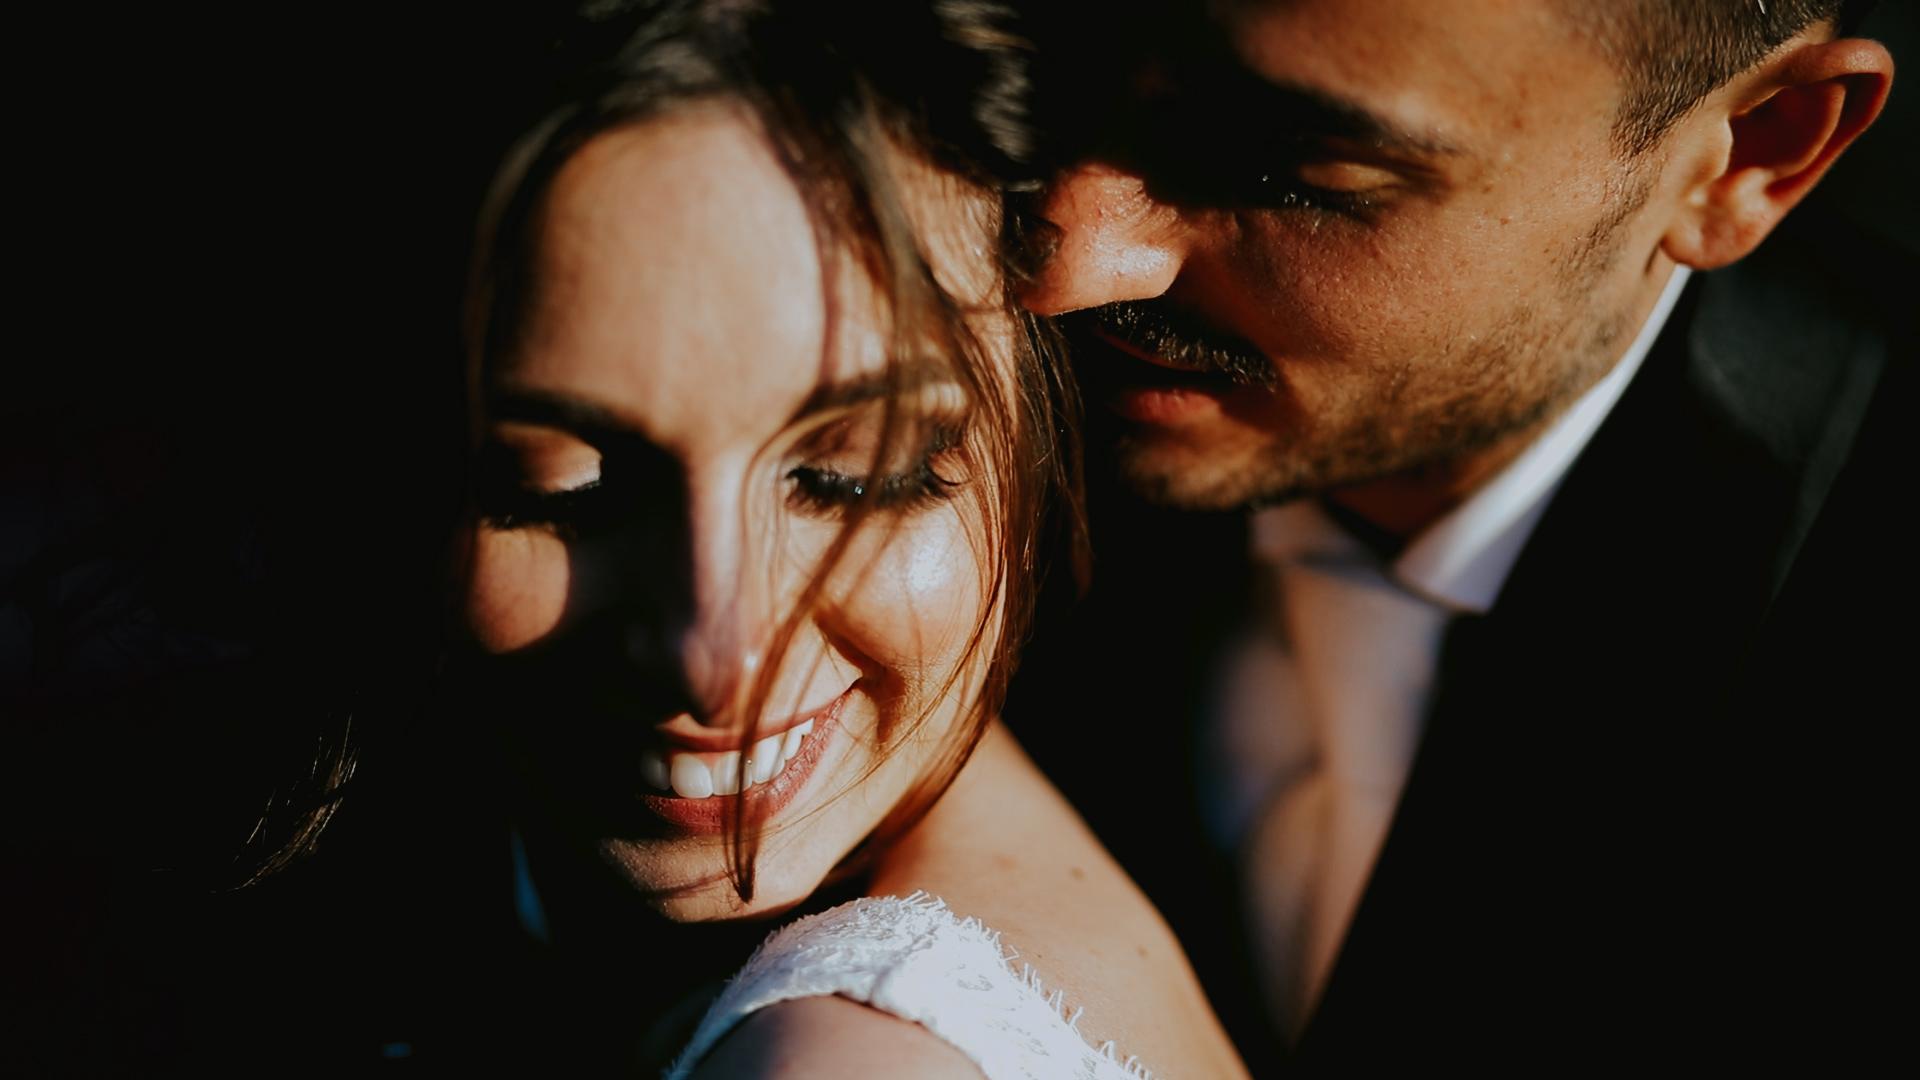 CARD0390.00_00_02_07.Immagine004 Matrimonio a Tenuta Pinto